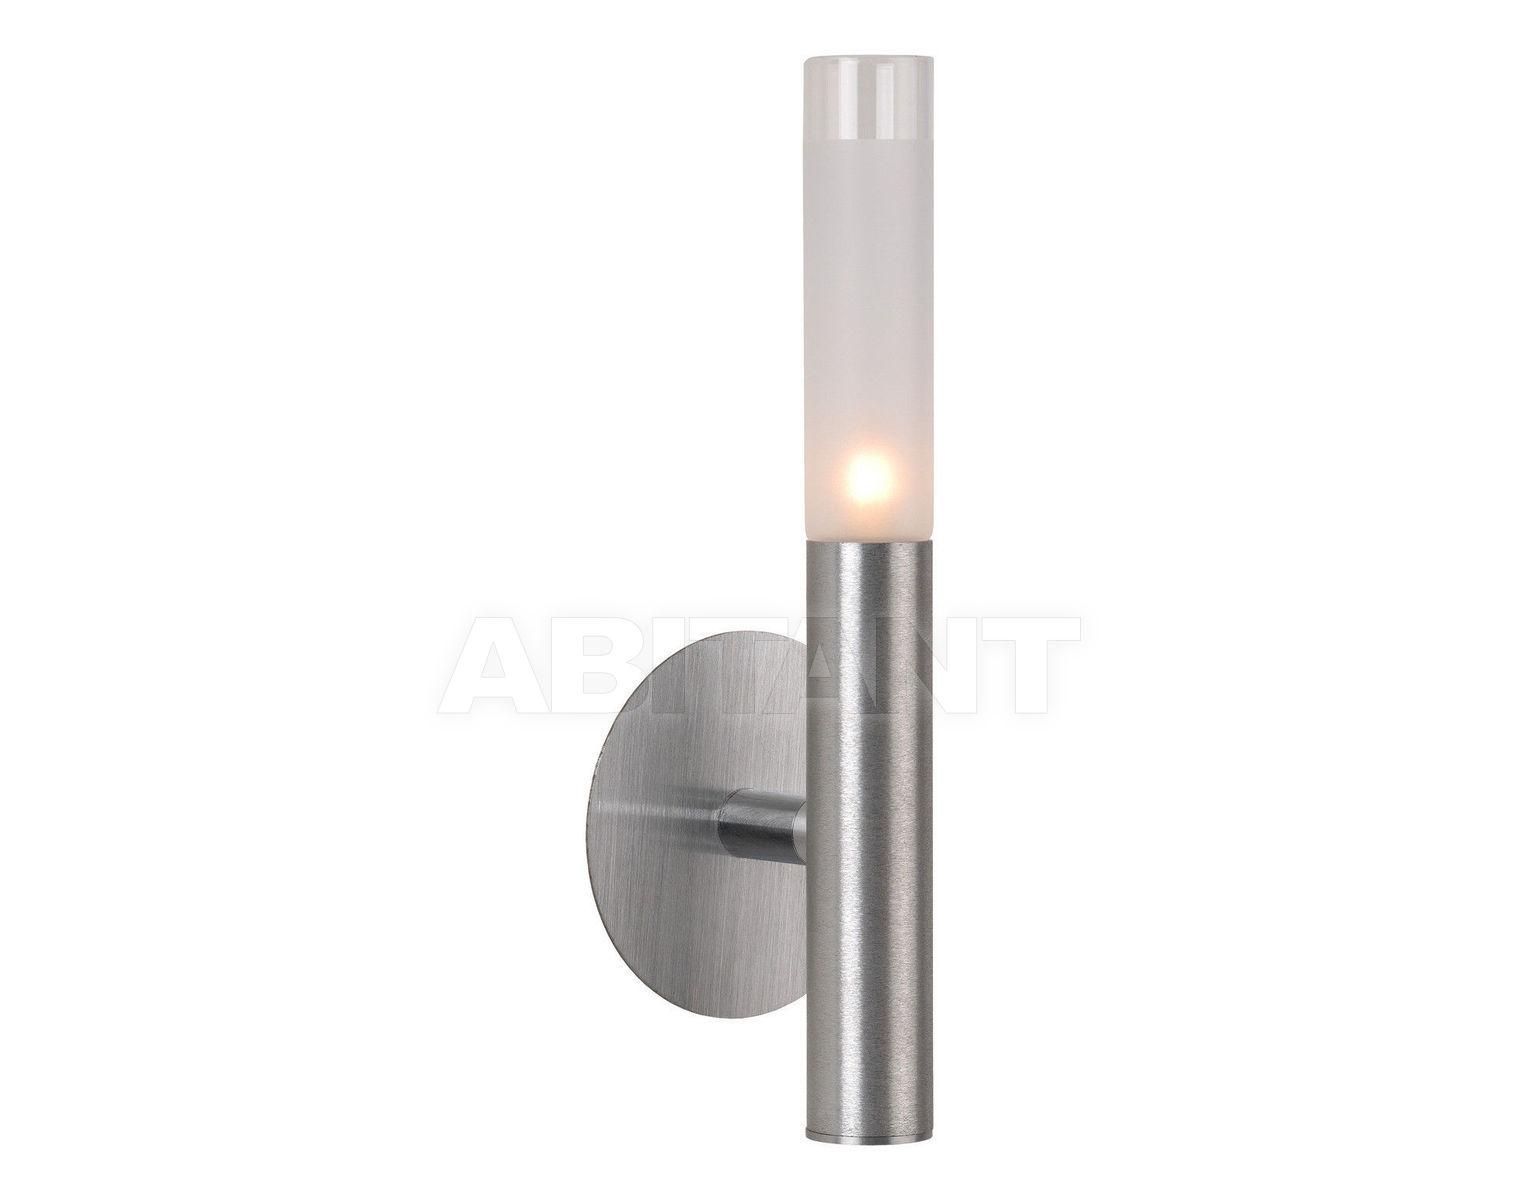 Купить Светильник настенный SLIMMERS Lucide  Floor & Table Lamps 12258/21/12